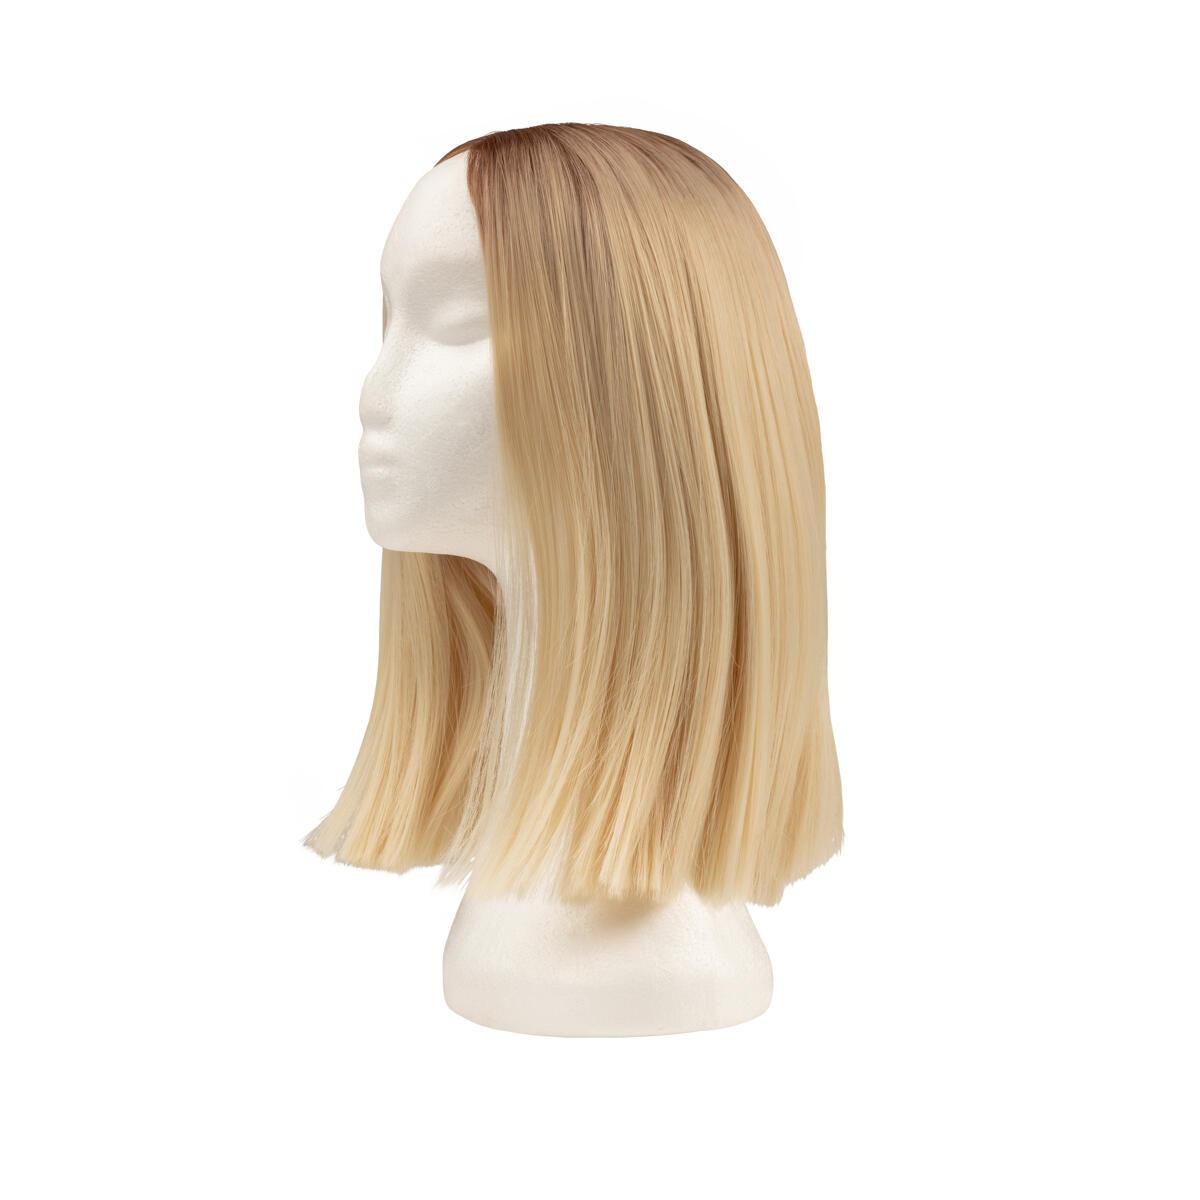 Lace Front Wig R7.3/10.8 Cendre Ash Blonde Root 35 cm